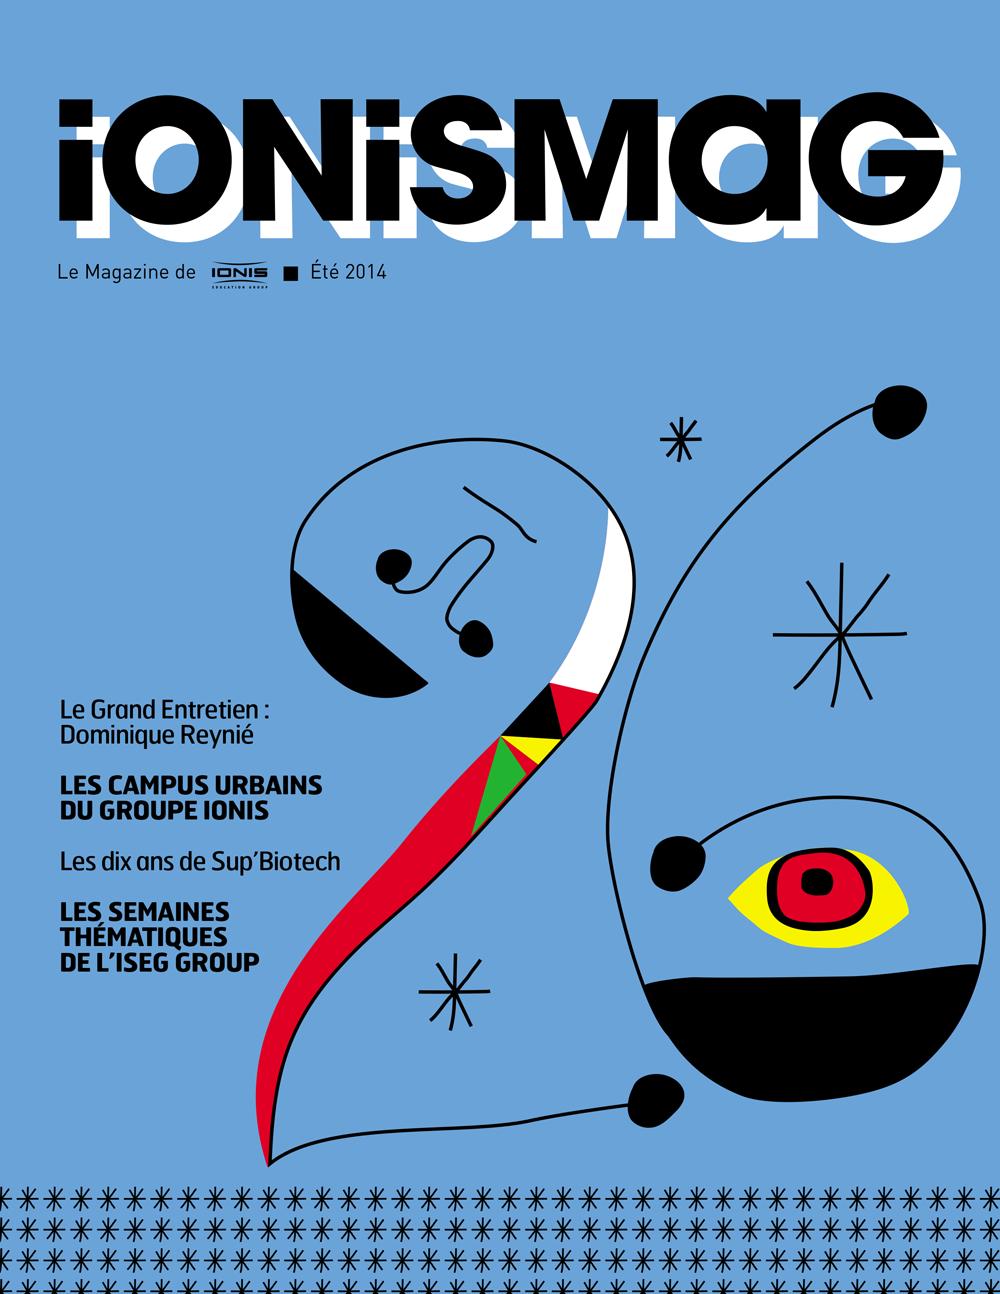 90264ad38cef Le Grand Entretien   Dominique Reynié LES CAMPUS URBAINS DU GROUPE IONIS  Les dix ans de Sup Biotech LES SEMAINES THÉMATIQUES